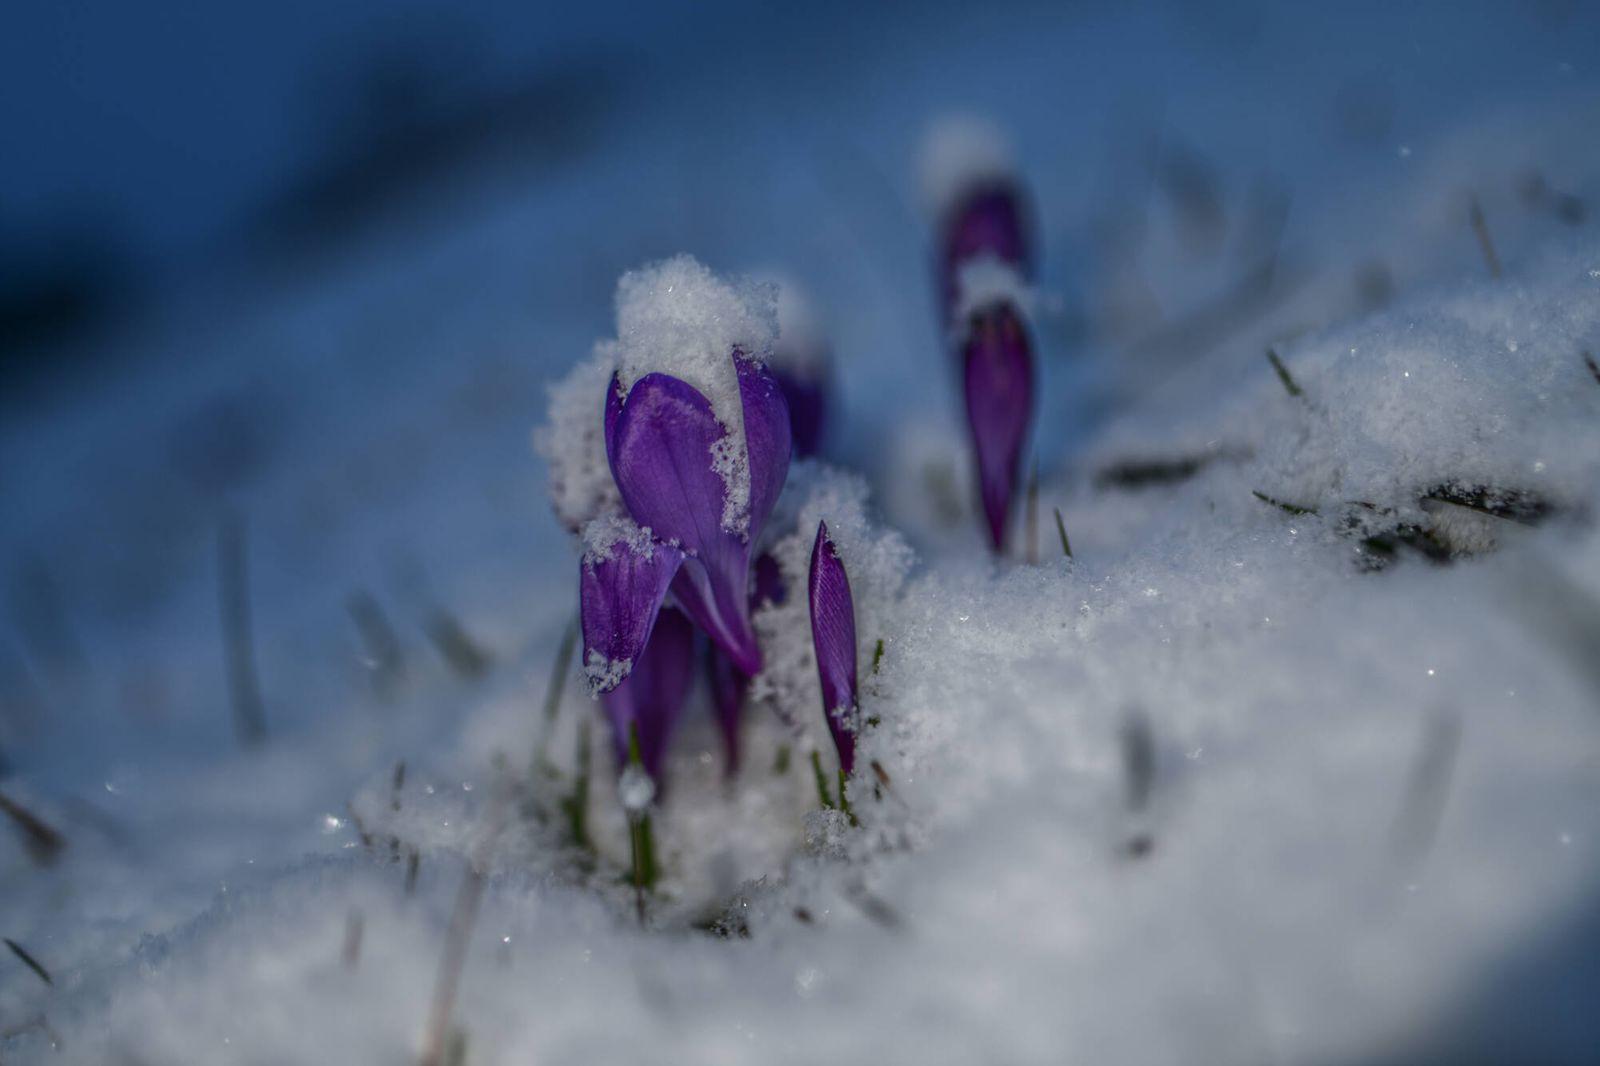 Wintereinbruch - Schneefall im Süden, 18.03.2021, Baden-Württemberg, Heubach: Die Krokusse haben ihren Kampf gegen Schne